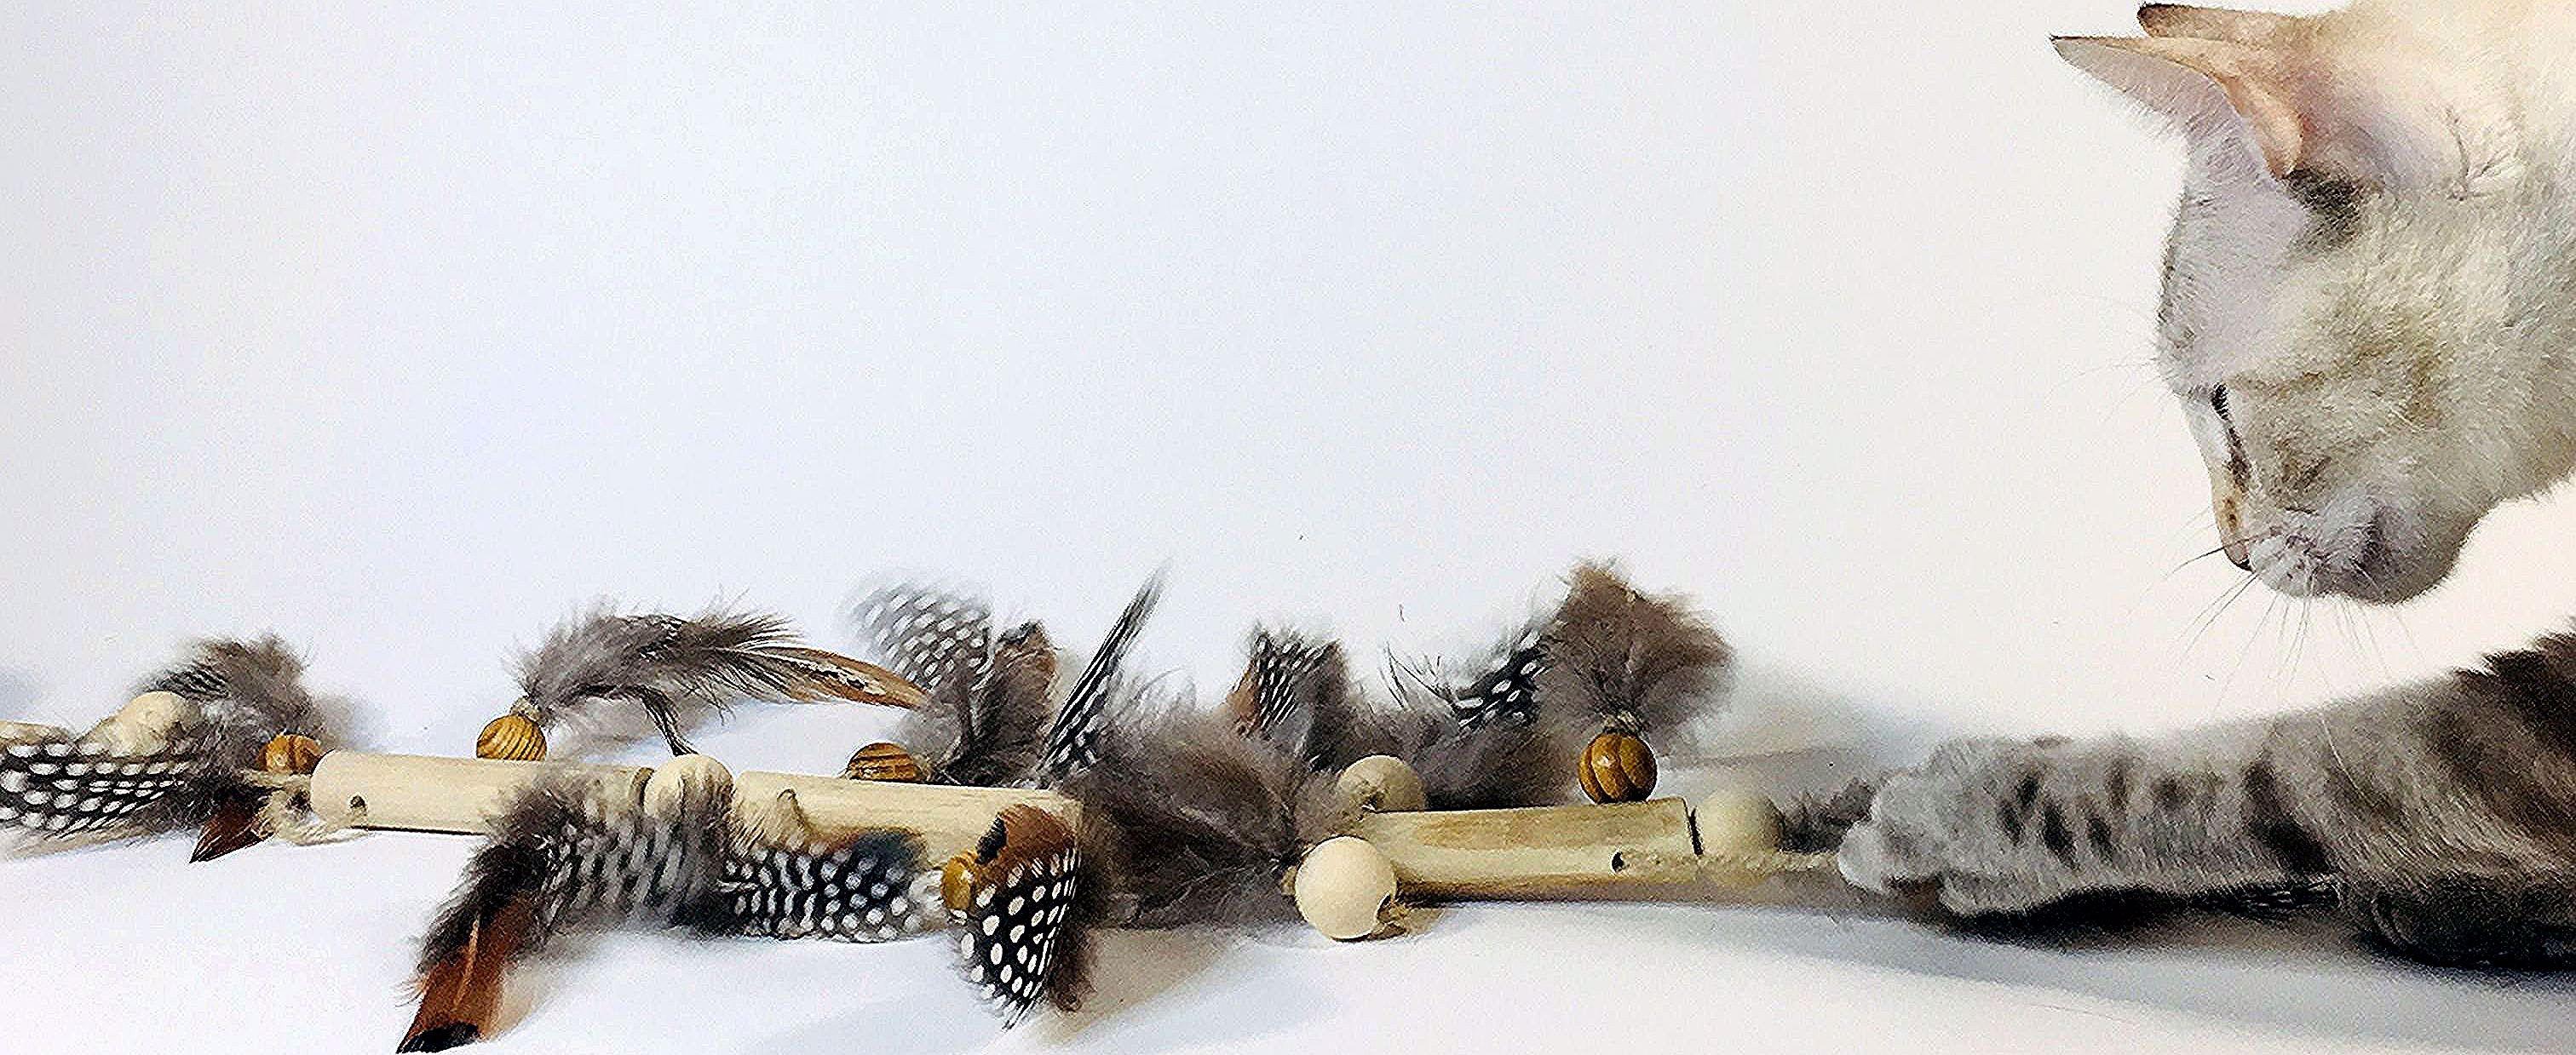 Enlever Brou De Noix Mains jouet naturel pour chats   cactus plants, cactus, plants